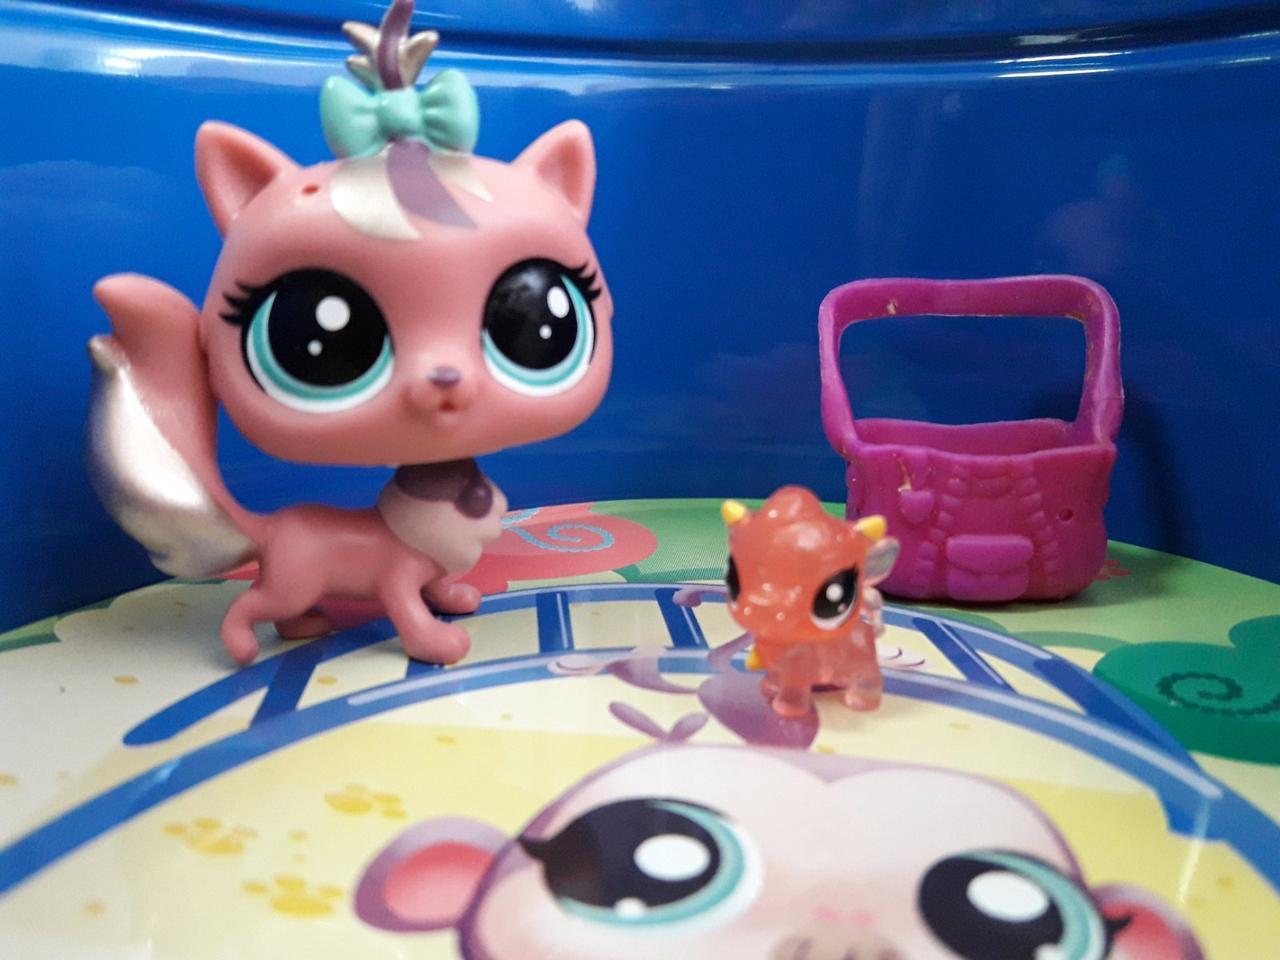 Littlest pet shop lps игрушка Hasbro лпс пет шоп кошечка+аксессуар+произвольный пет dainty le fur